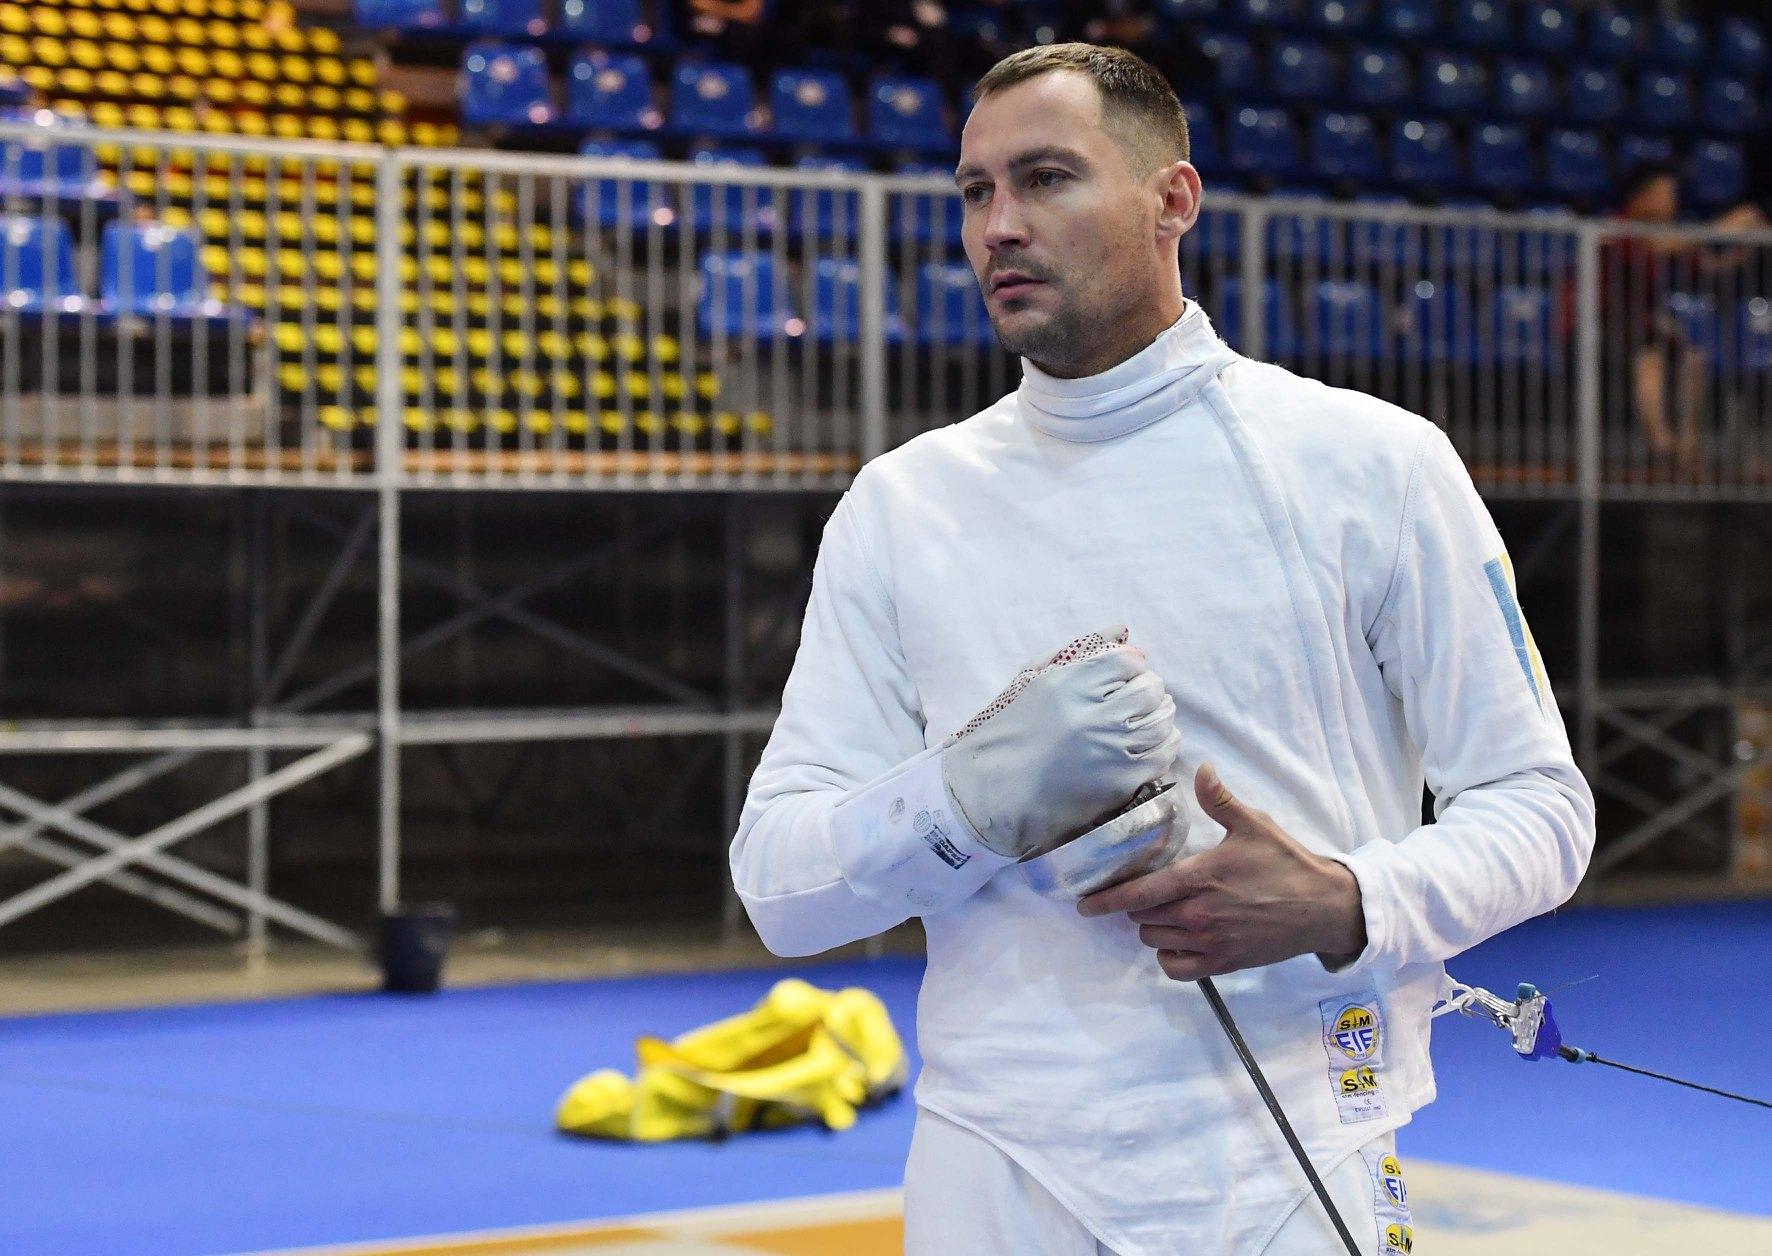 Фехтовальщик-шпажист Игорь Рейзлин принес Украине вторую медаль в Олимпийских играх в Токио - фото №1